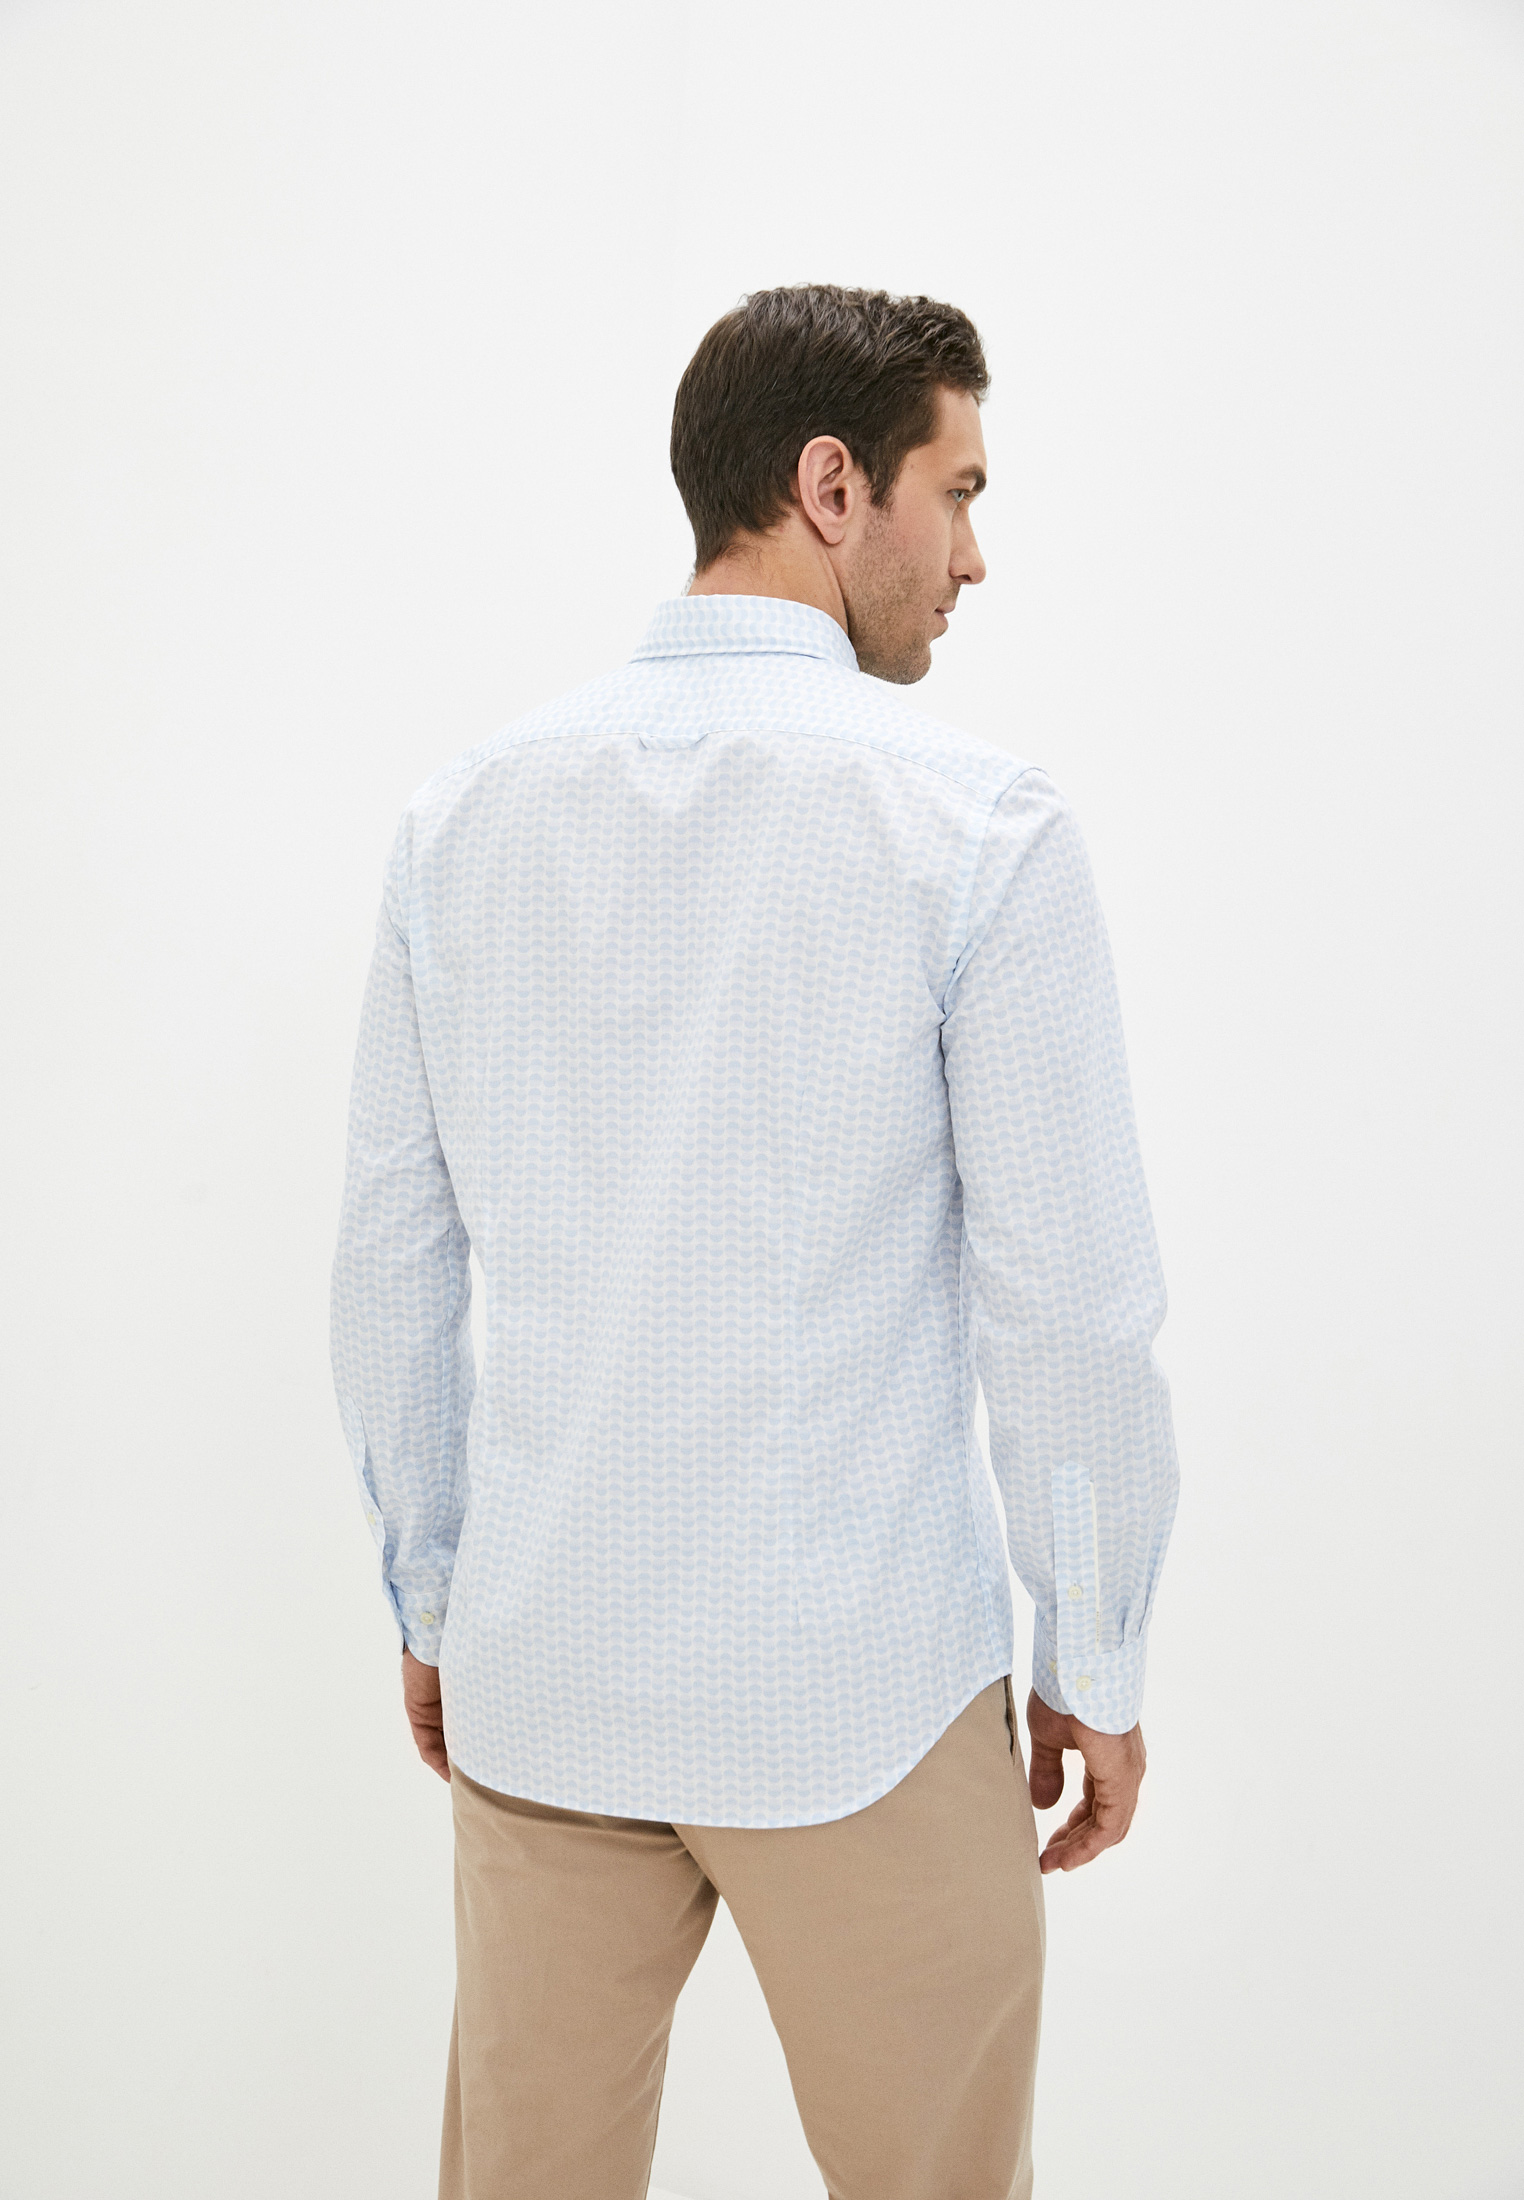 Рубашка с длинным рукавом BALDESSARINI (Балдессарини) 10007.3018: изображение 4